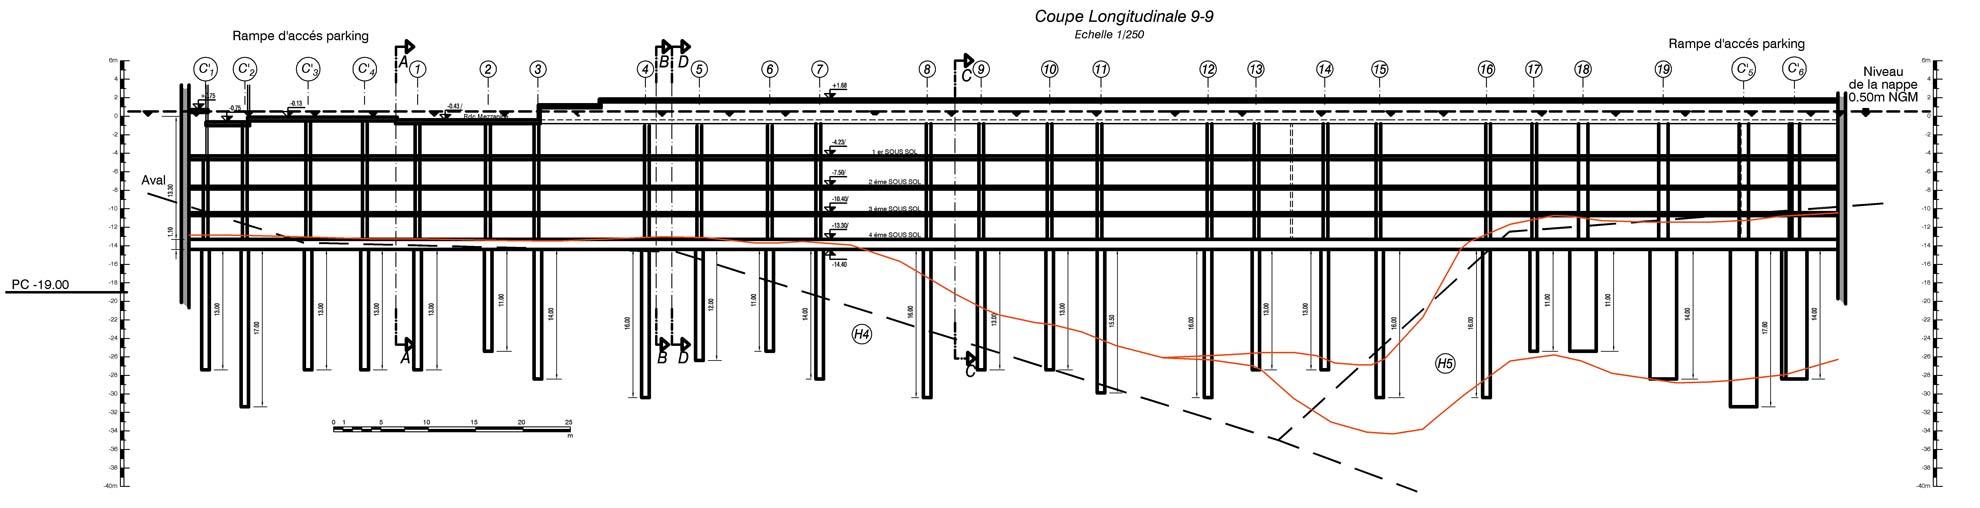 disegno sezione del progetto